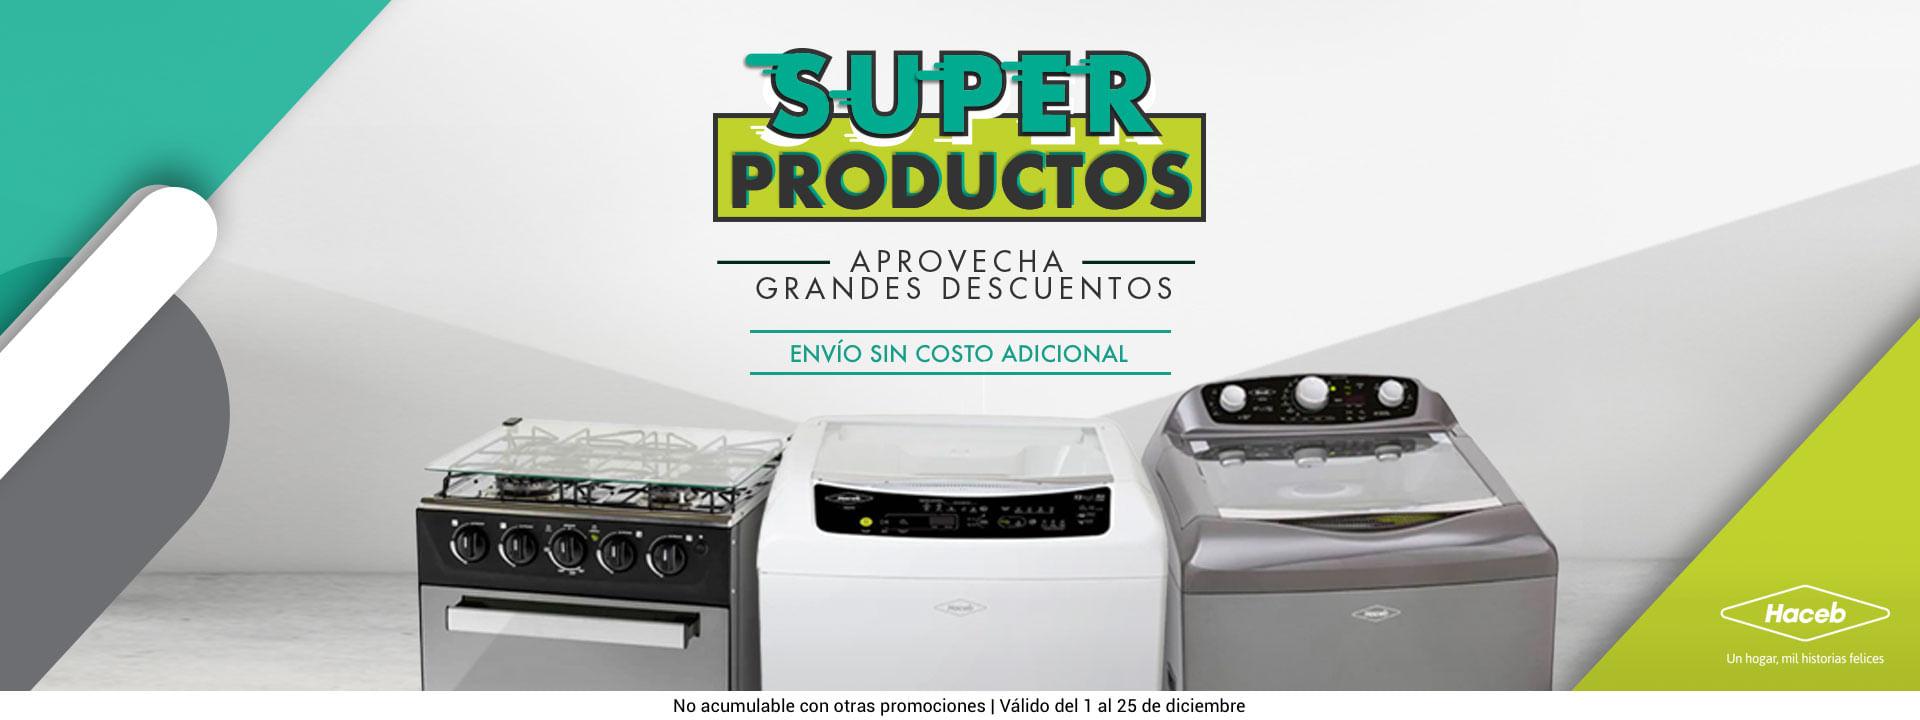 Super Productos Haceb Marca Líder De Electrodomésticos Col